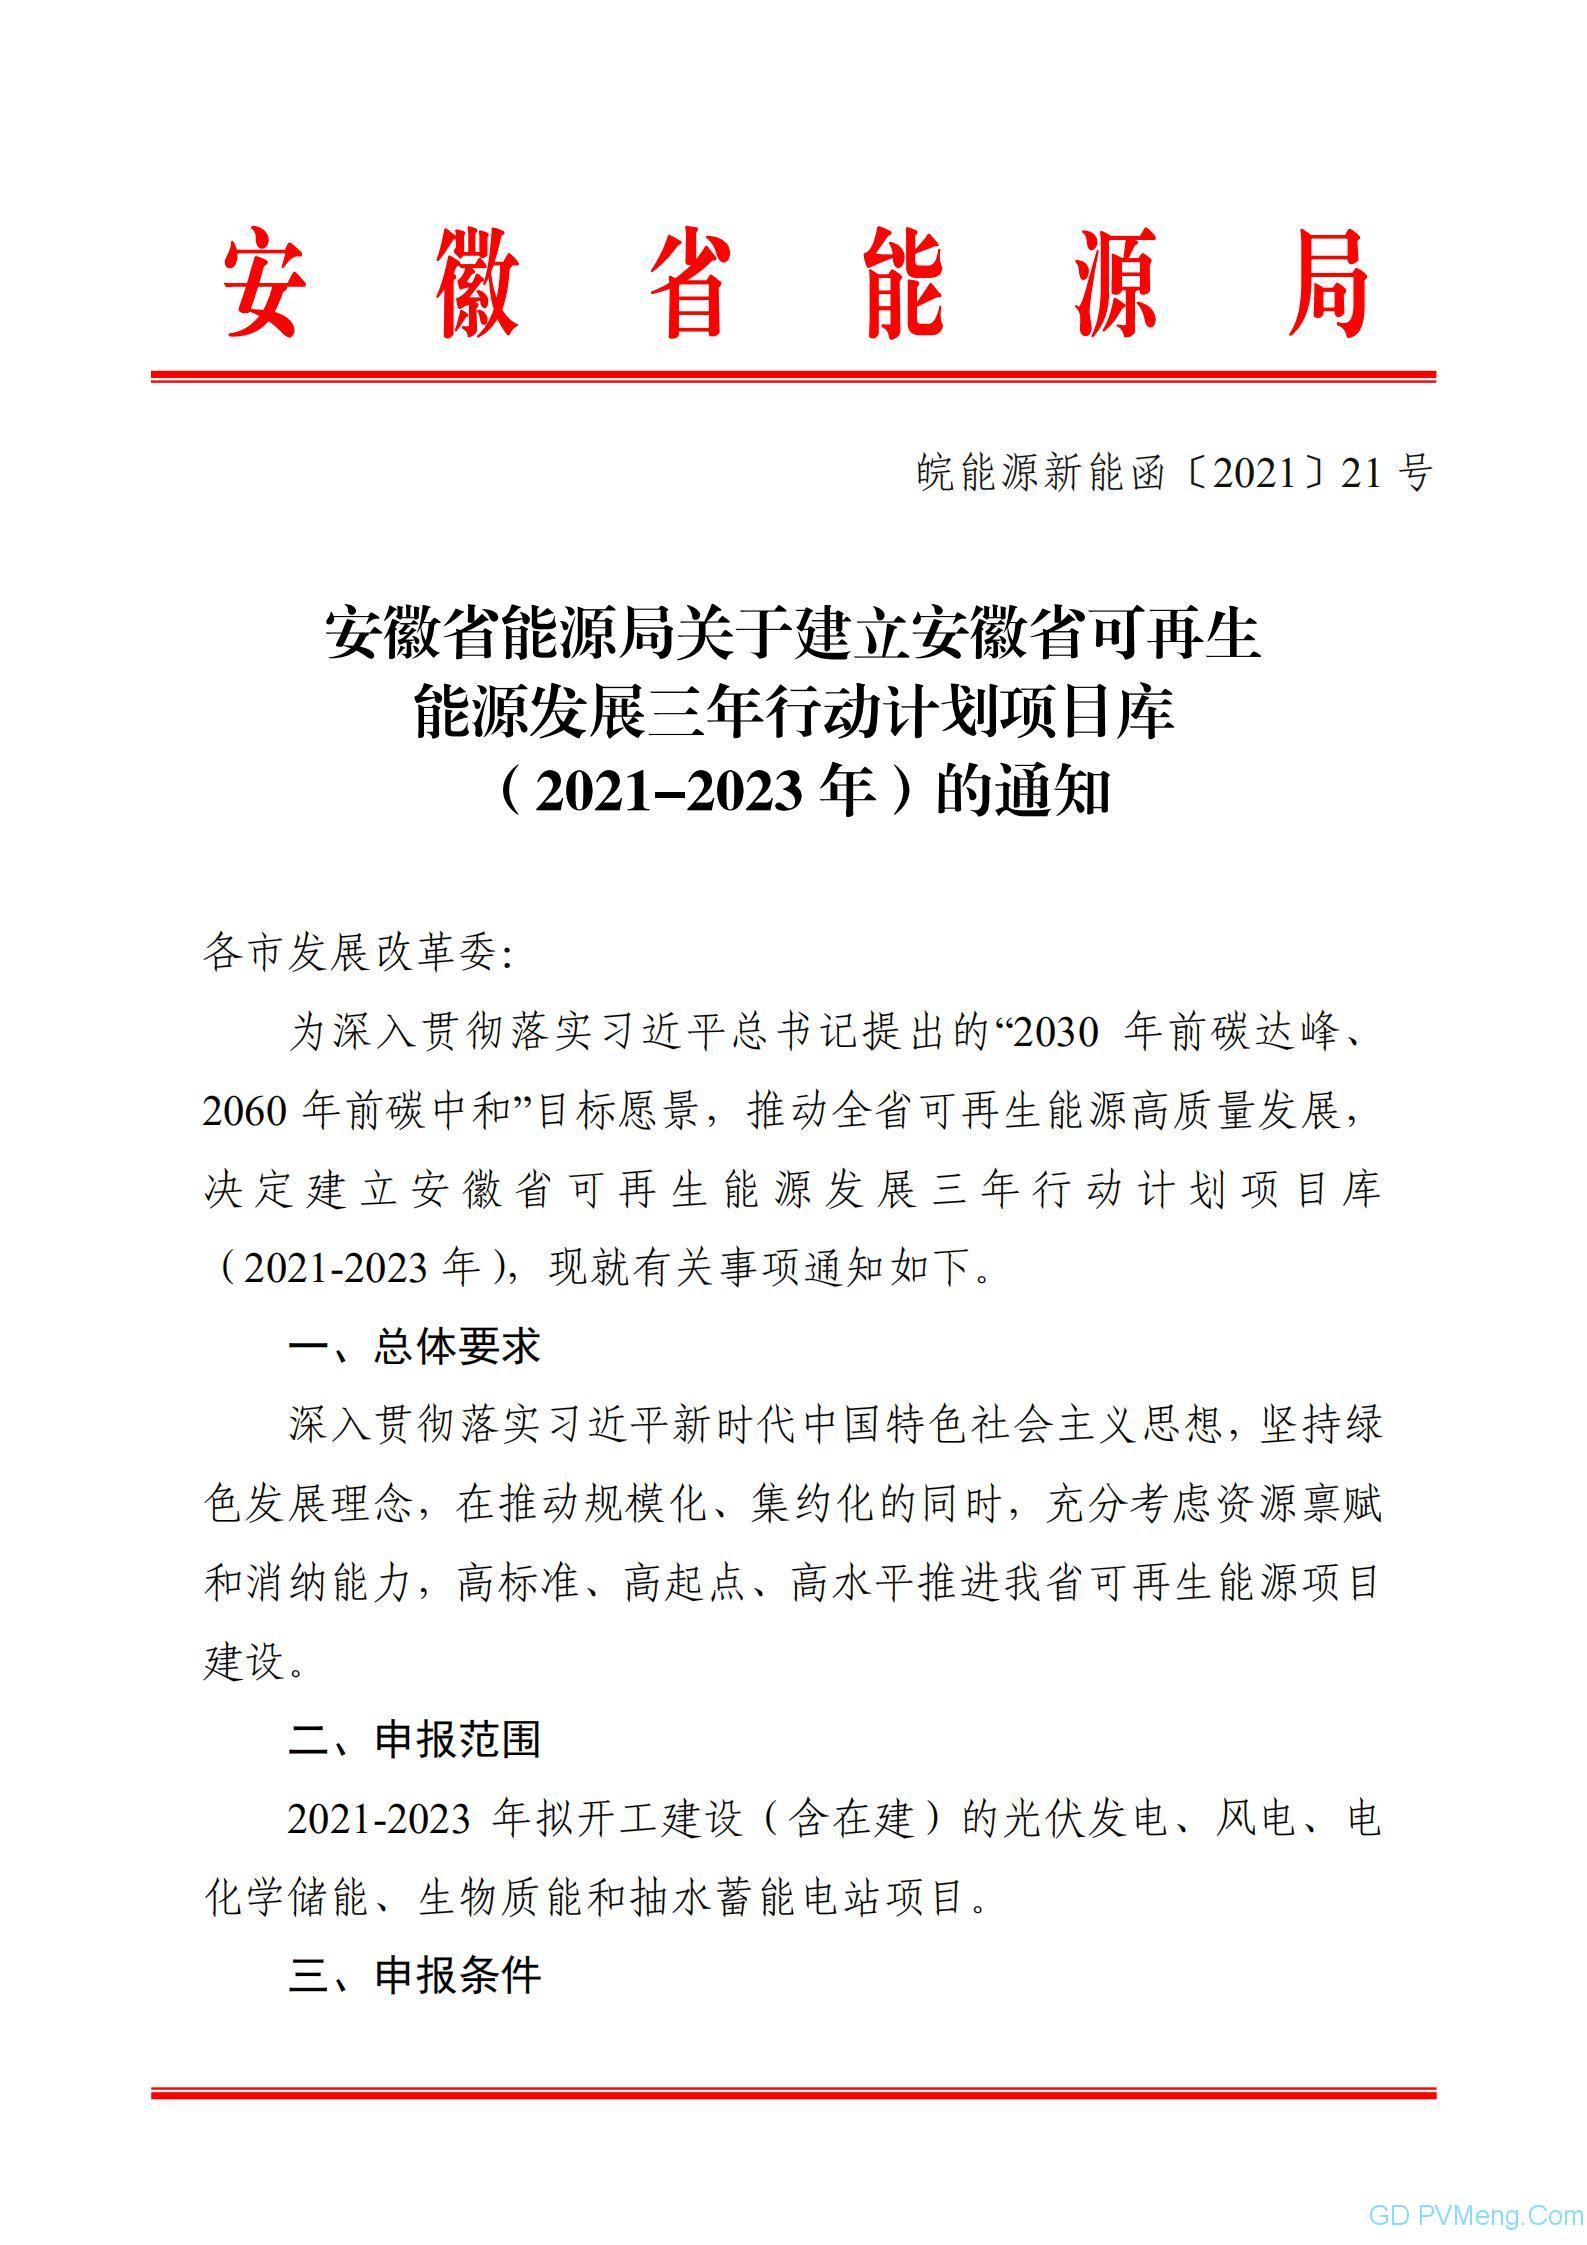 关于建立安徽省可再生能源发展三年行动计划项目库(2021-2023年)的通知(皖能源新能函〔2021〕21号)20210309